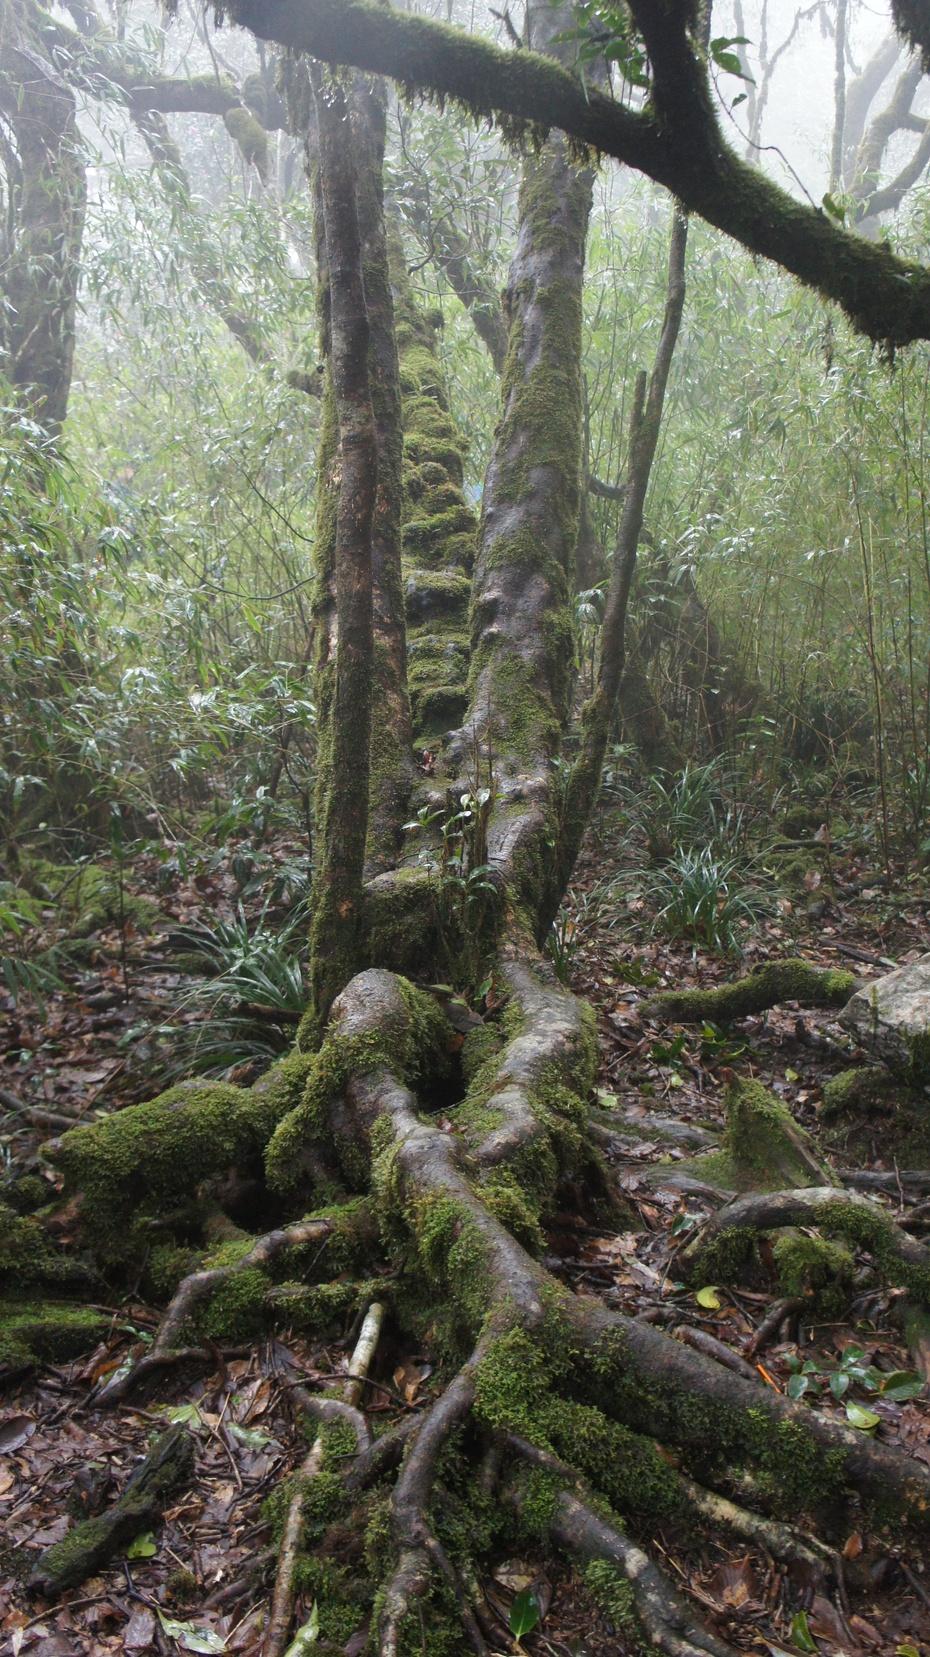 华南第一高峰:桂林猫儿山 - 余昌国 - 我的博客